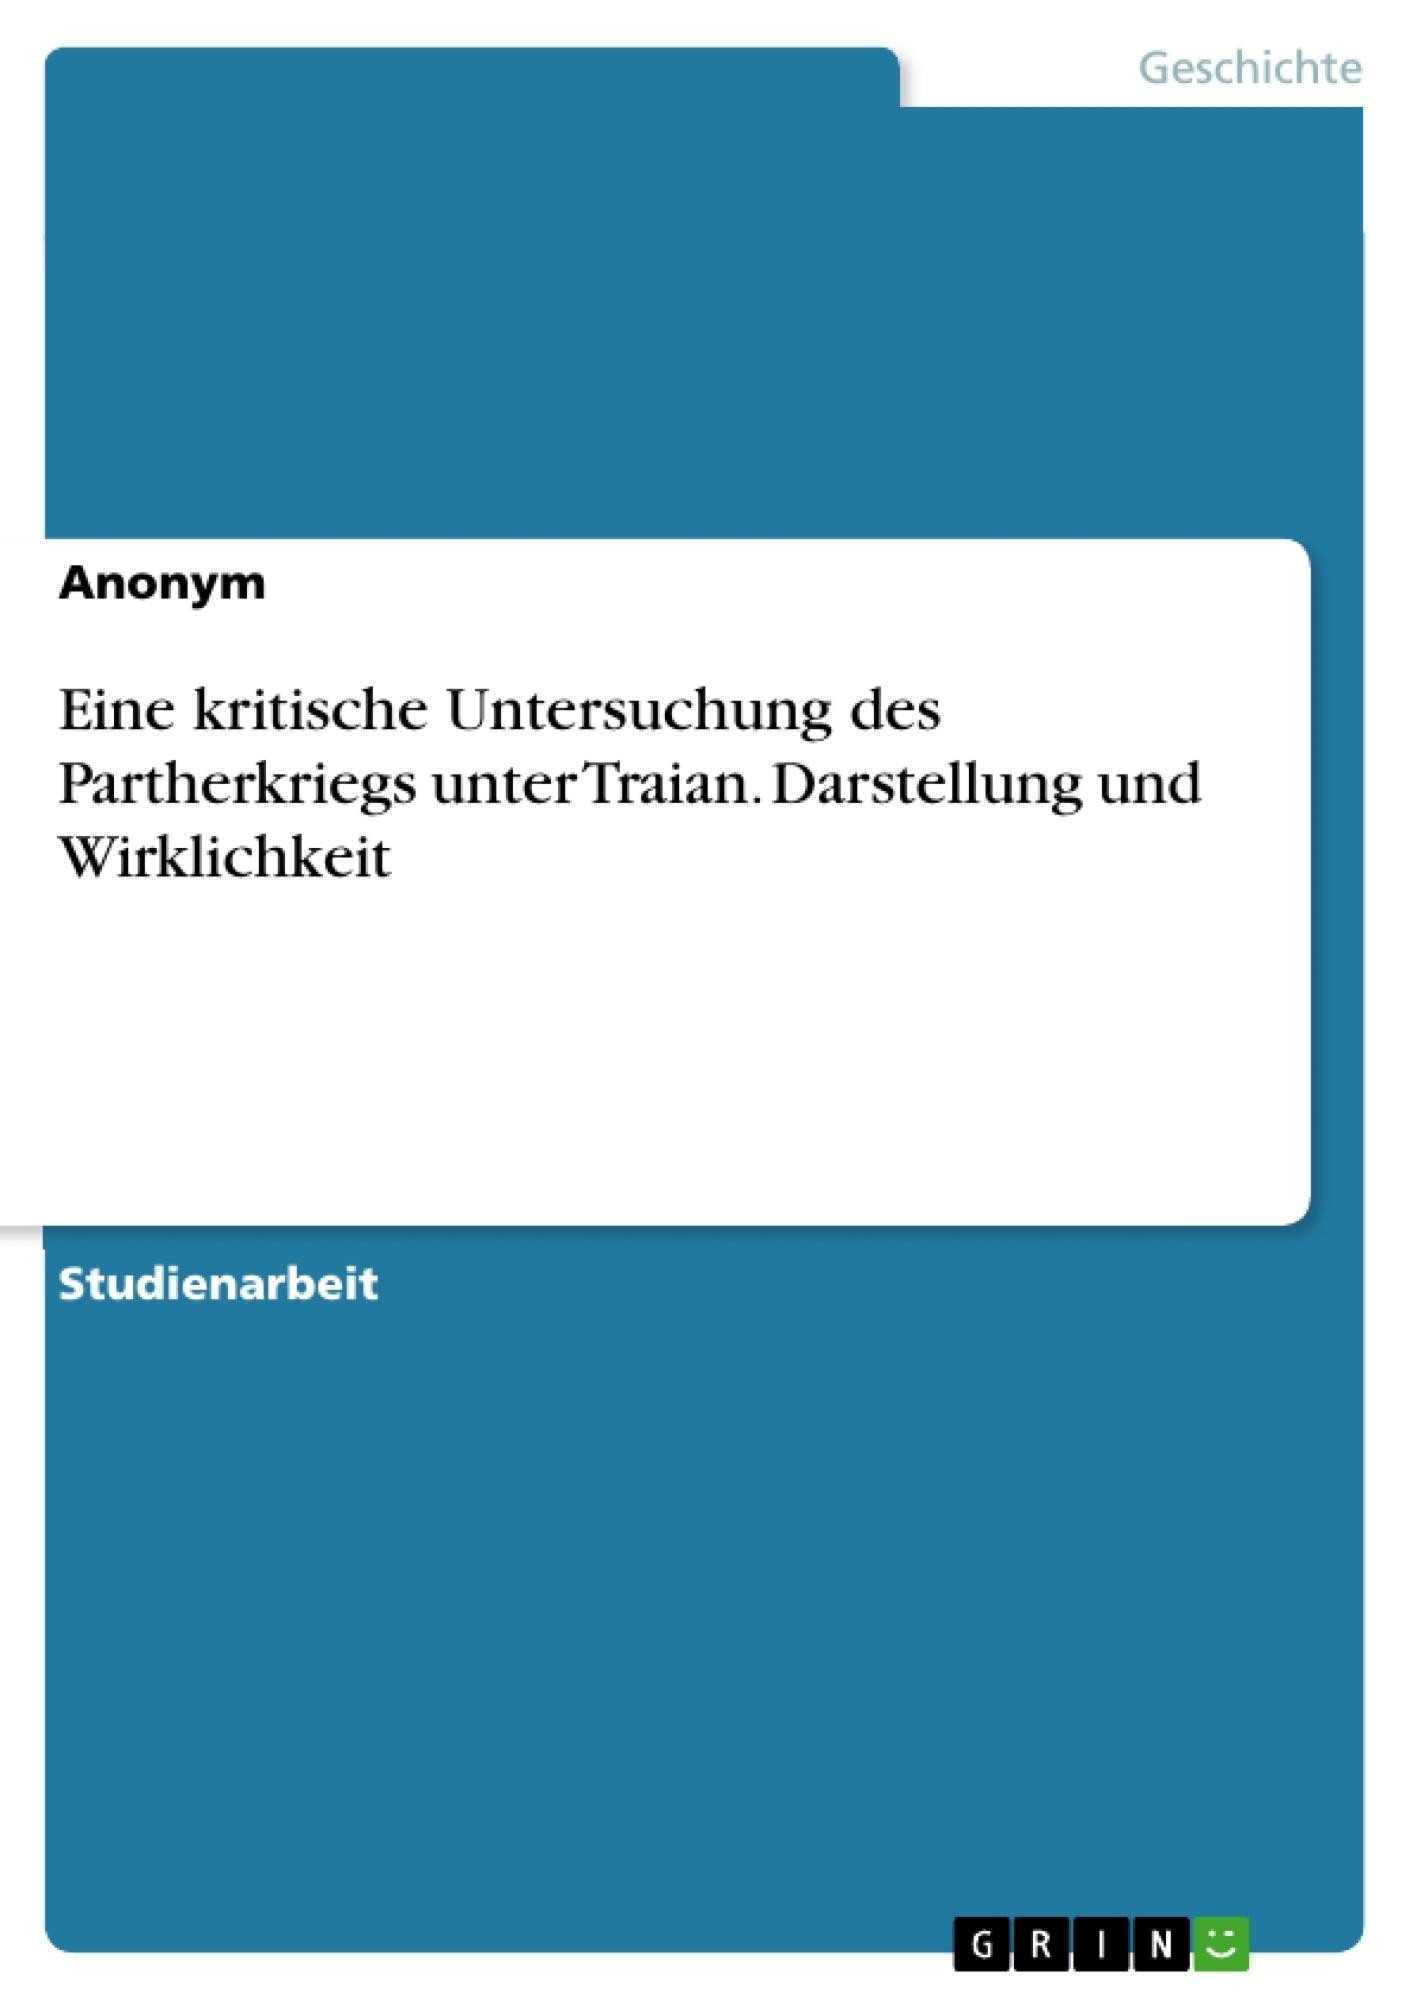 Titel: Eine kritische Untersuchung des Partherkriegs unter Traian. Darstellung und Wirklichkeit